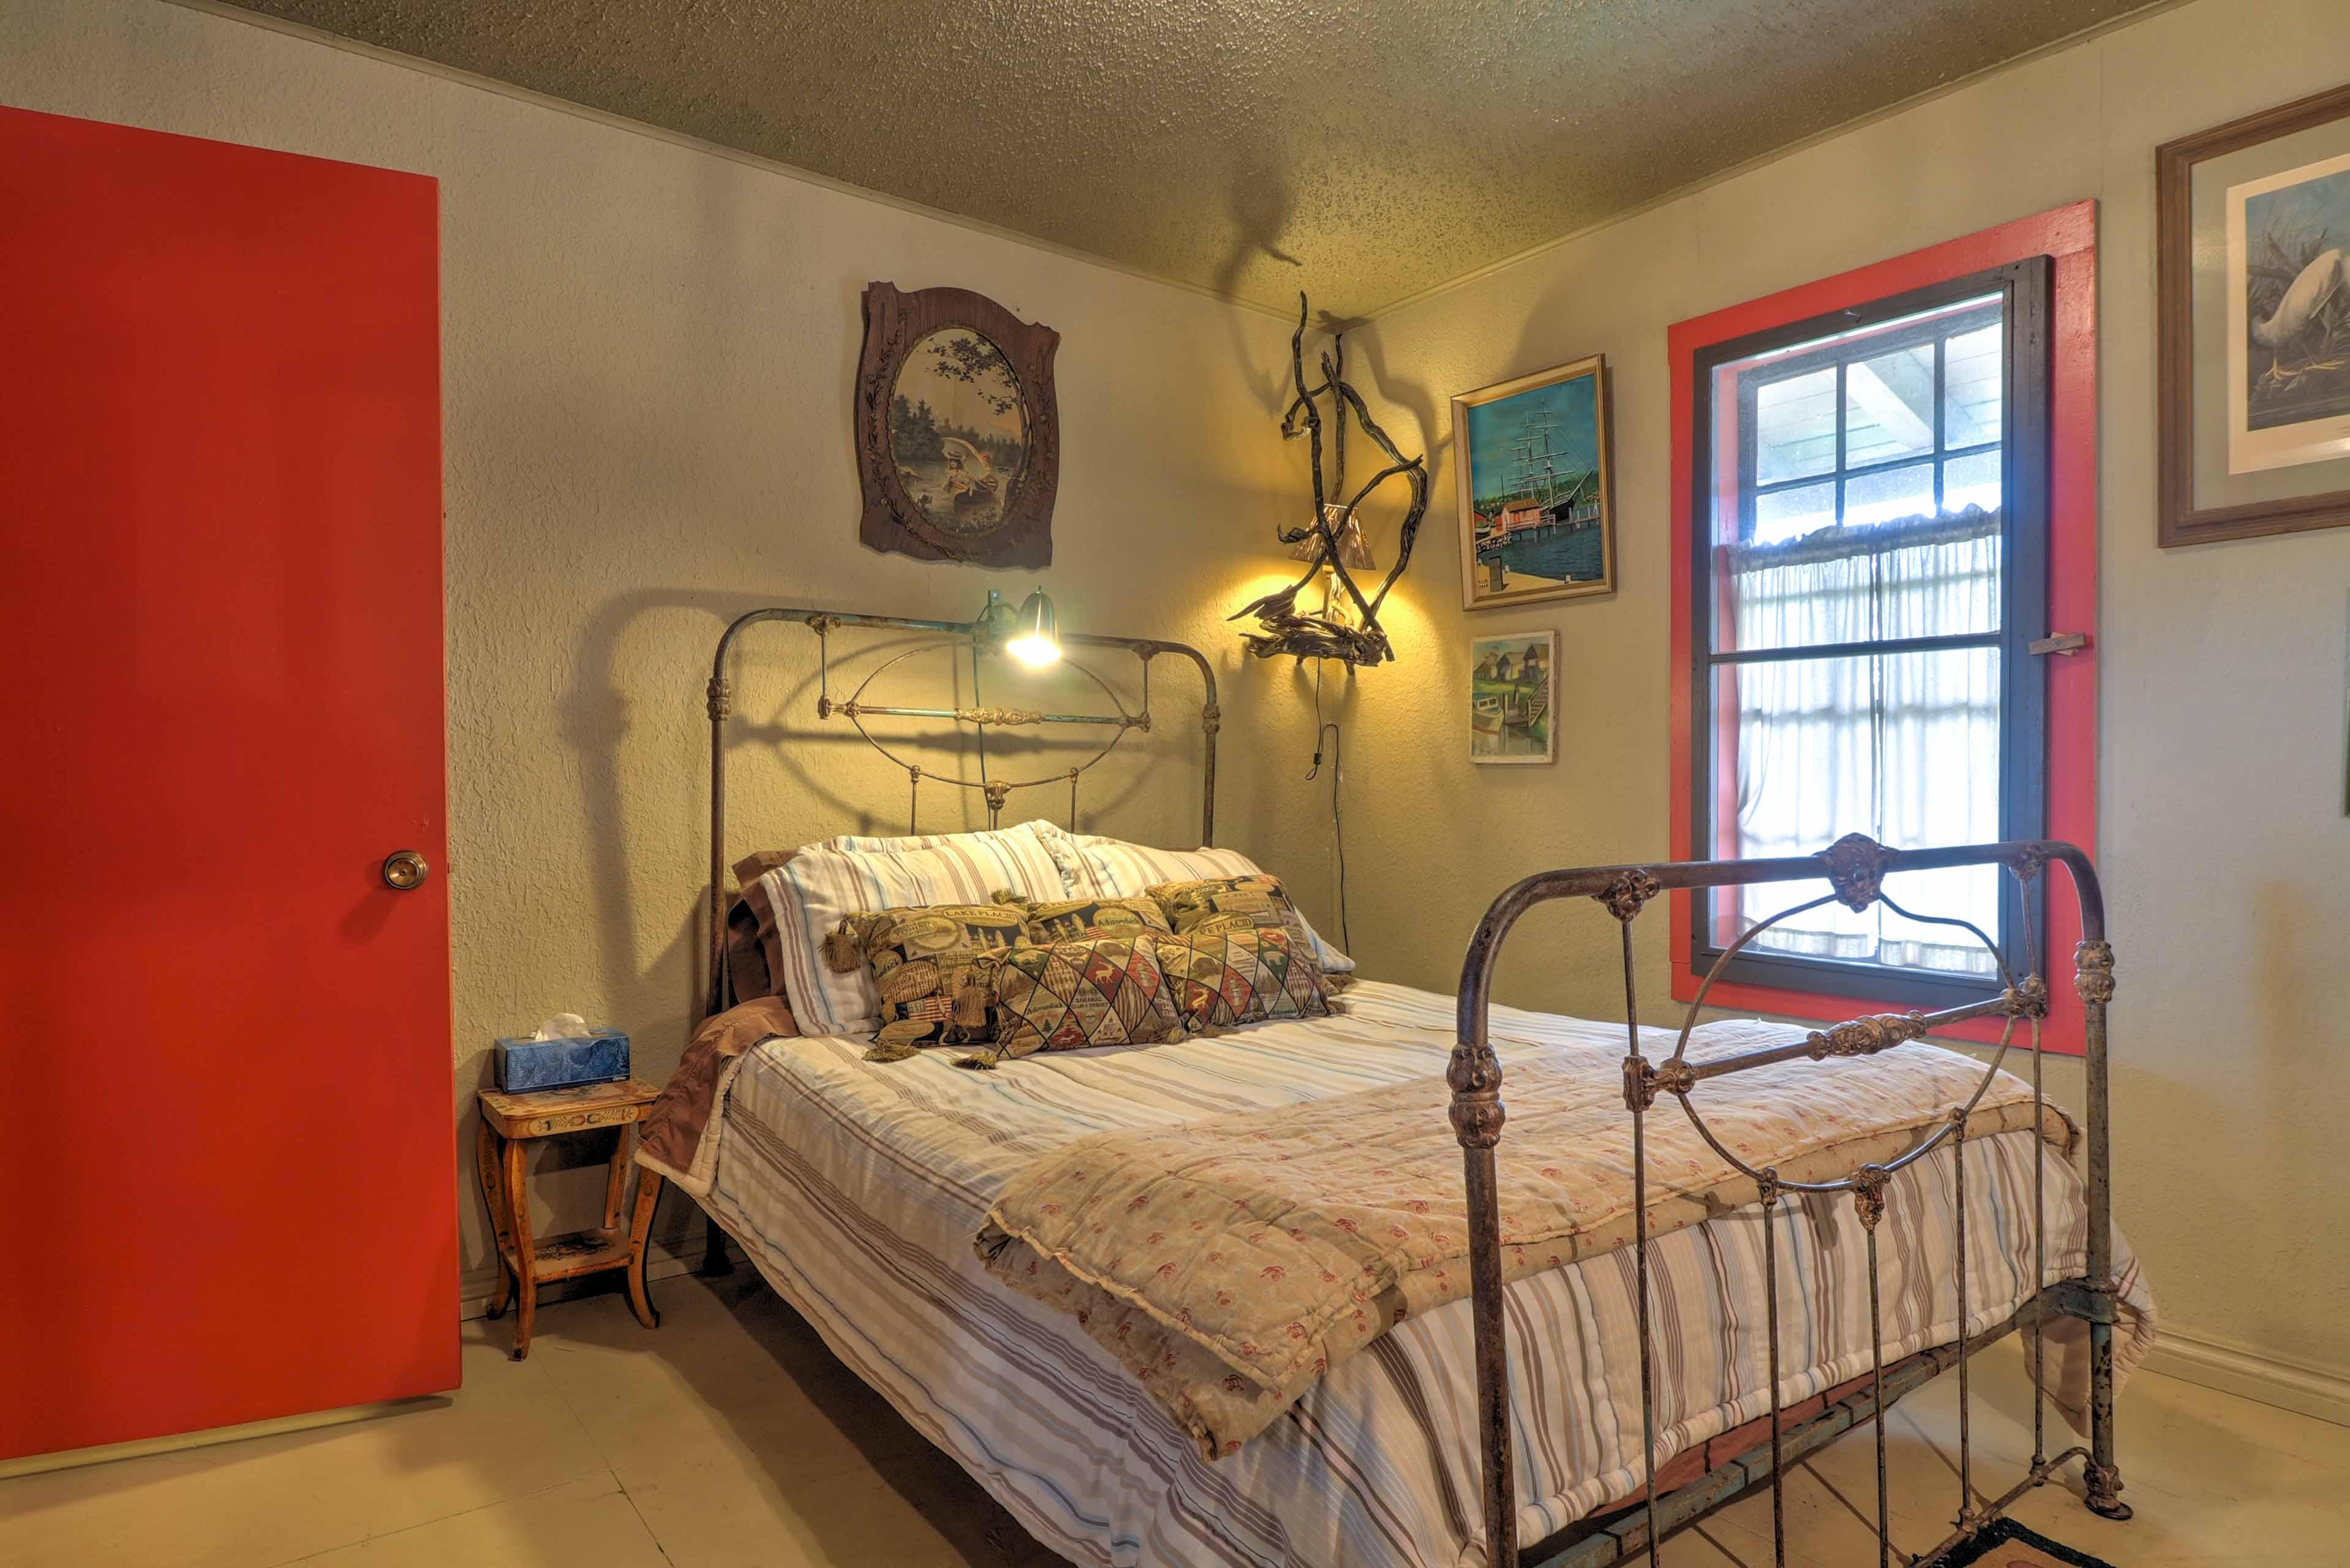 Each bedroom boasts unique, rustic decor.